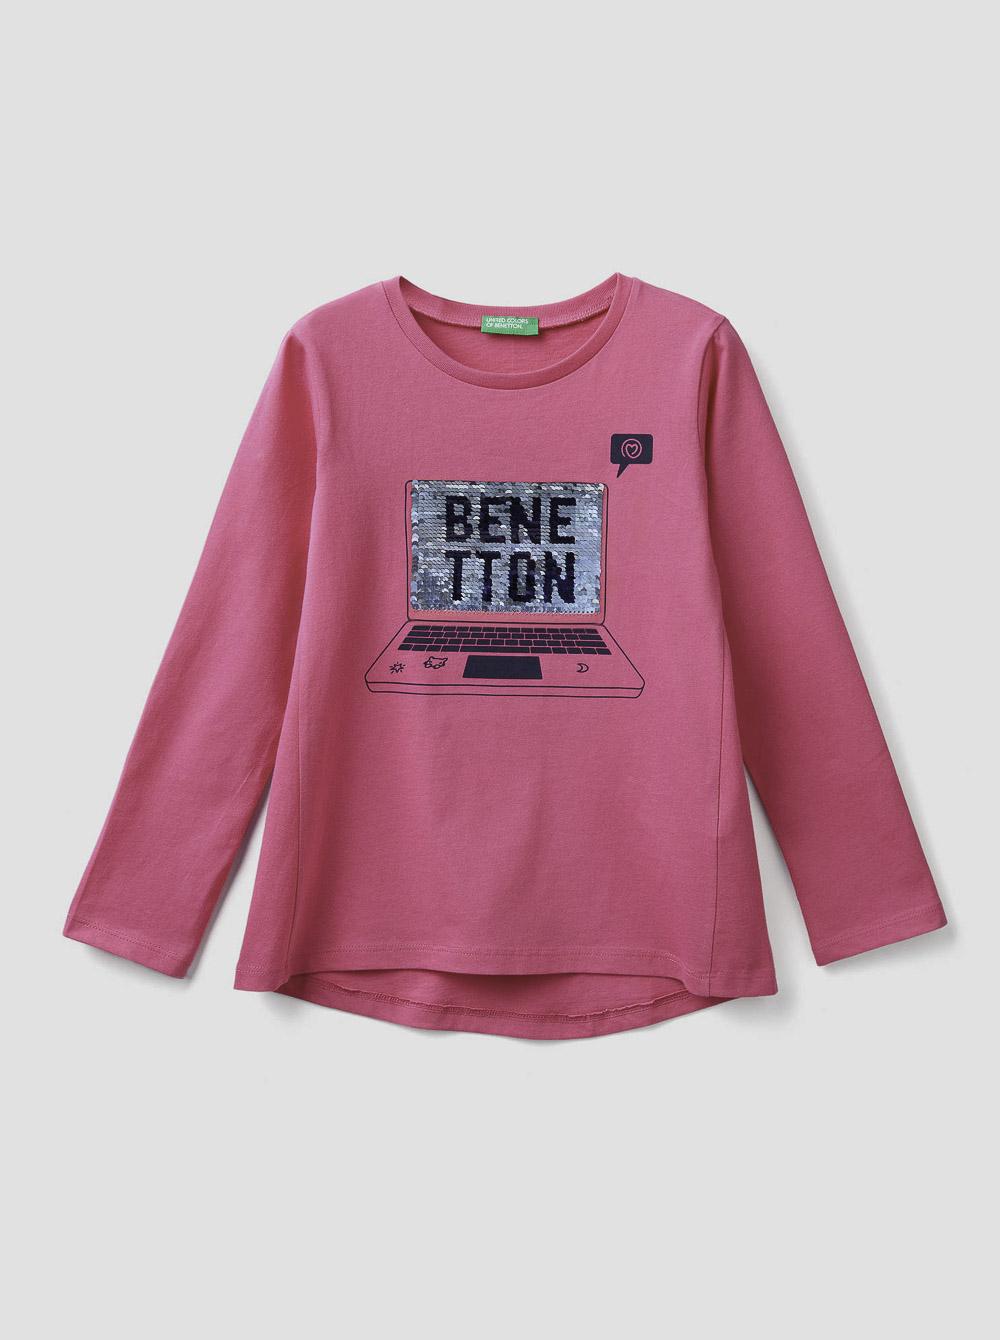 012 BENETTON T-shirt με παγέτες δύο όψεων 3096C14Q7 20A02A